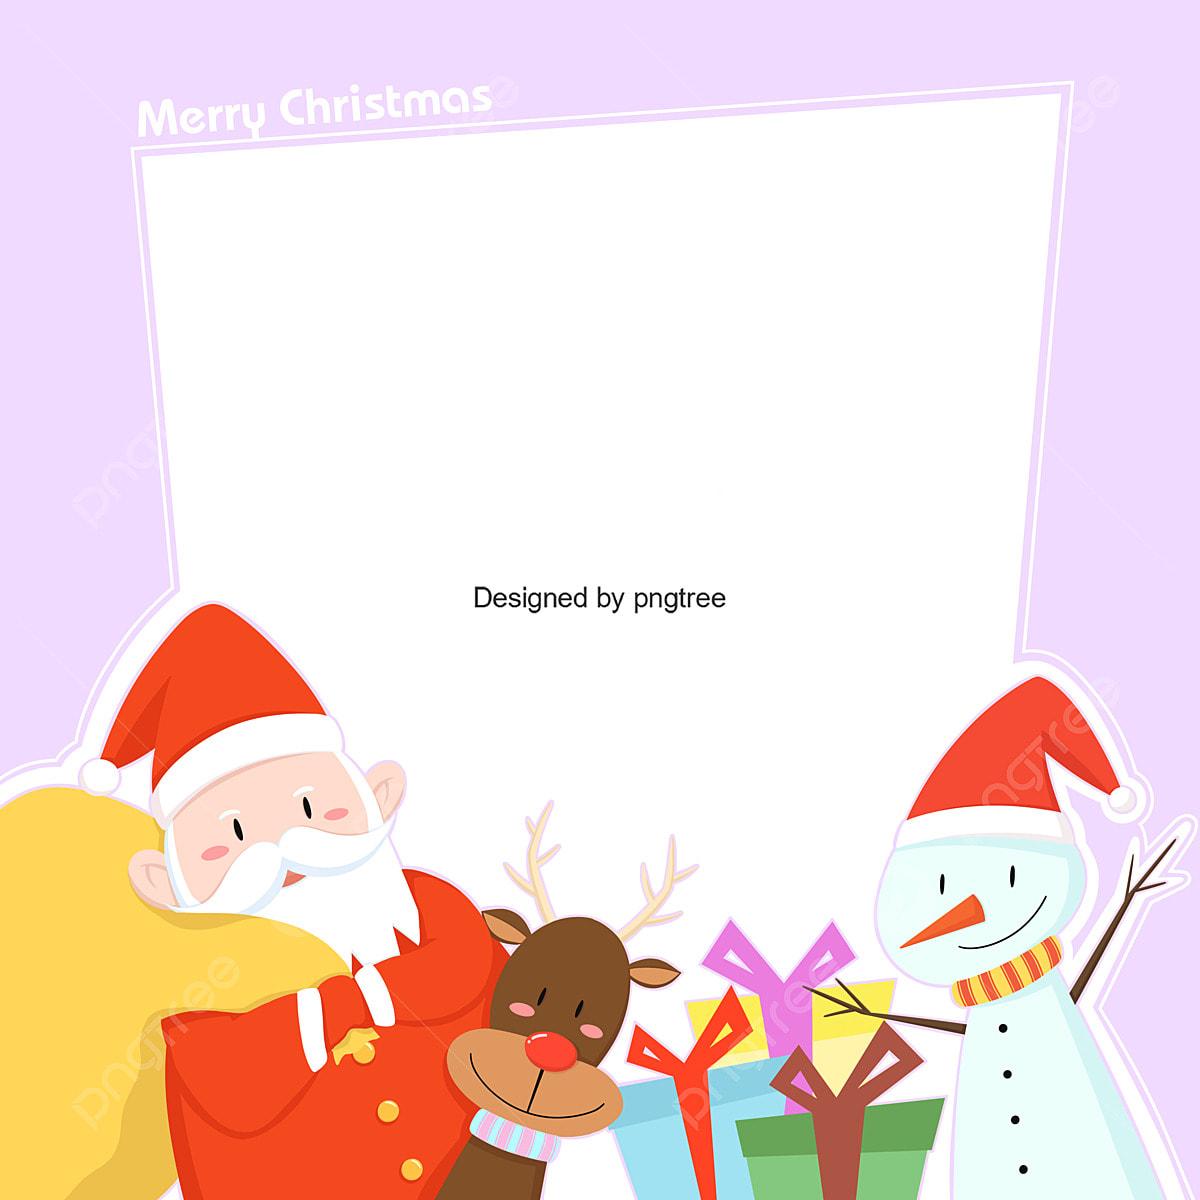 かわいいクリスマス漫画イラスト壁紙 可愛い ロマンチック 雪だるまベルボウ画像とpsd素材ファイルの無料ダウンロード Pngtree